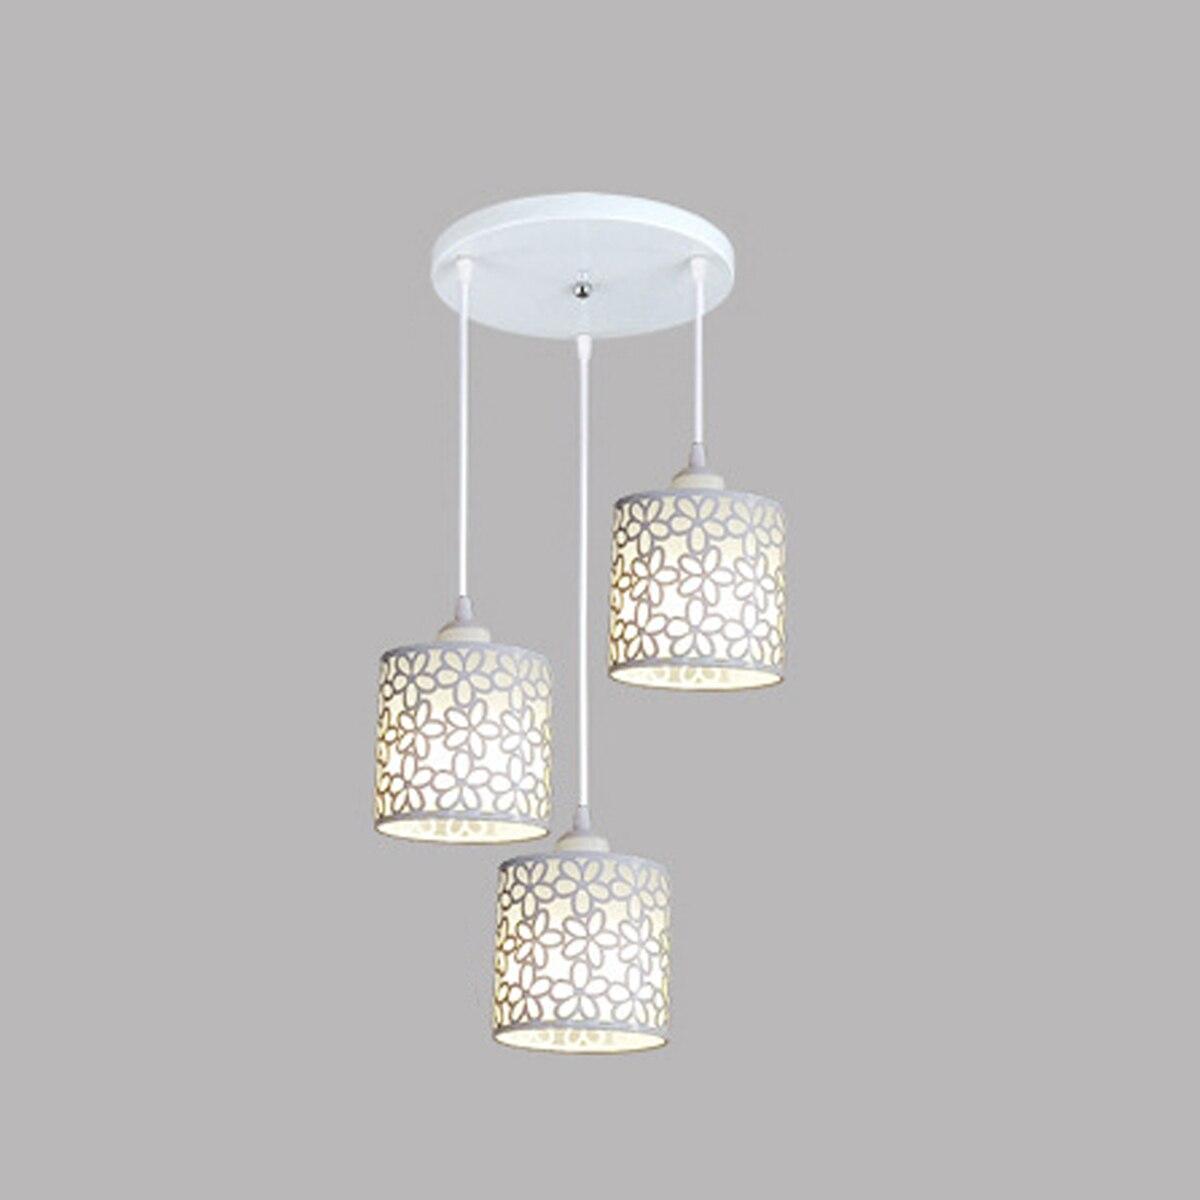 Lámparas colgantes LED nórdicas modernas, lámparas colgantes de hierro, lámparas colgantes, decoración del hogar, para comedor, dormitorio, tienda, Bar